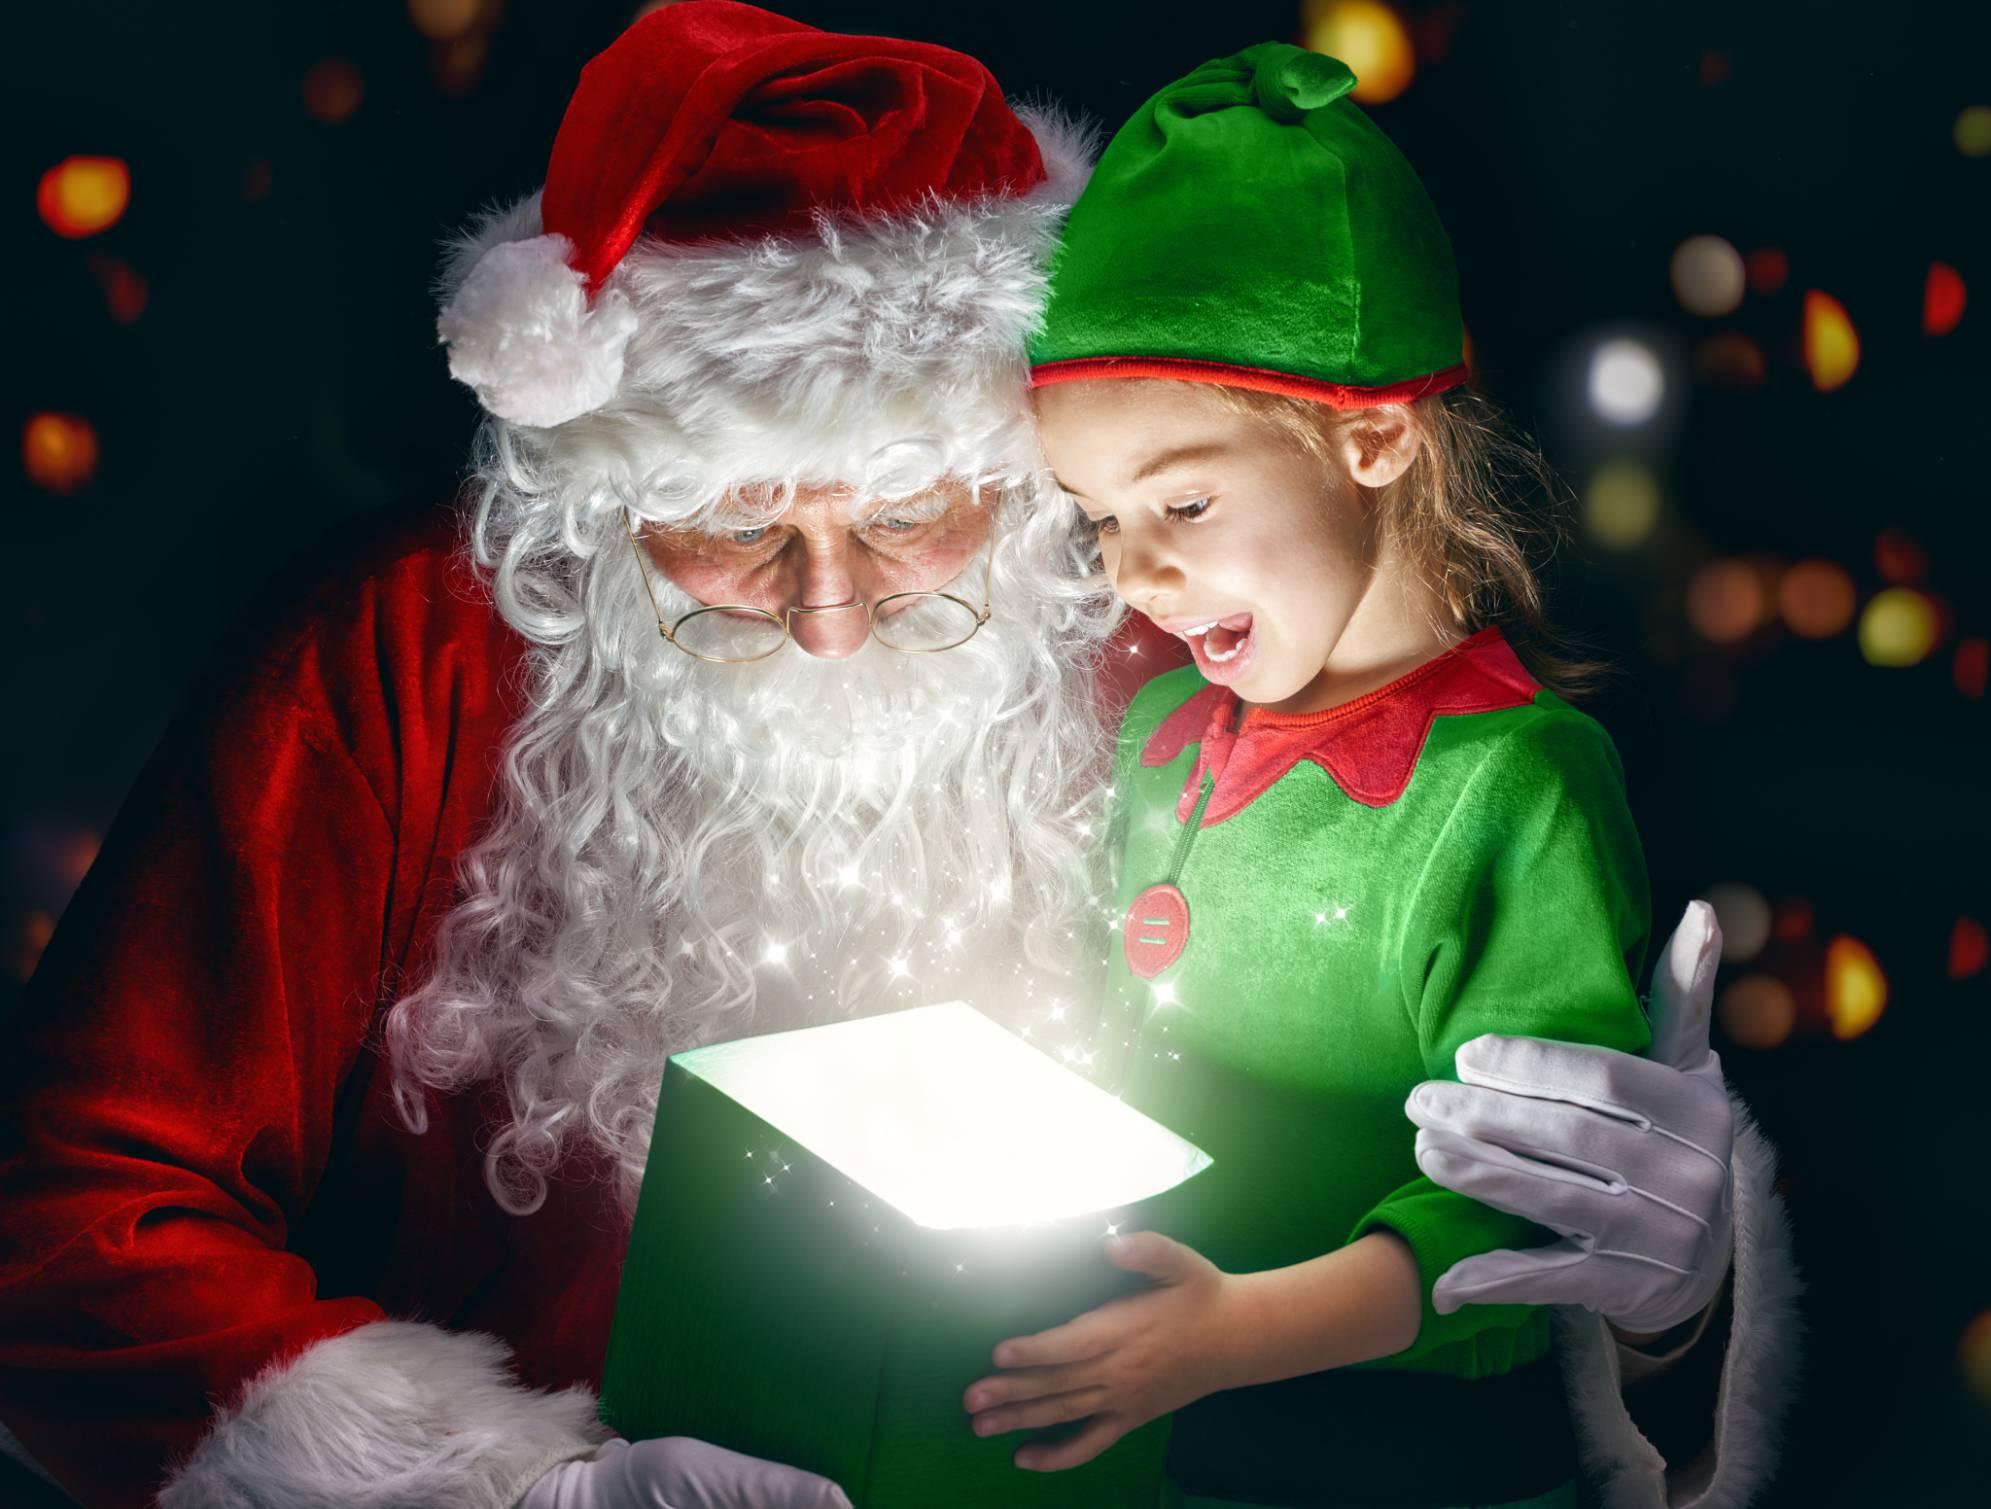 Foto Degli Elfi Di Babbo Natale.L Accademia Degli Elfi Per Aiutare Babbo Natale Si Trova